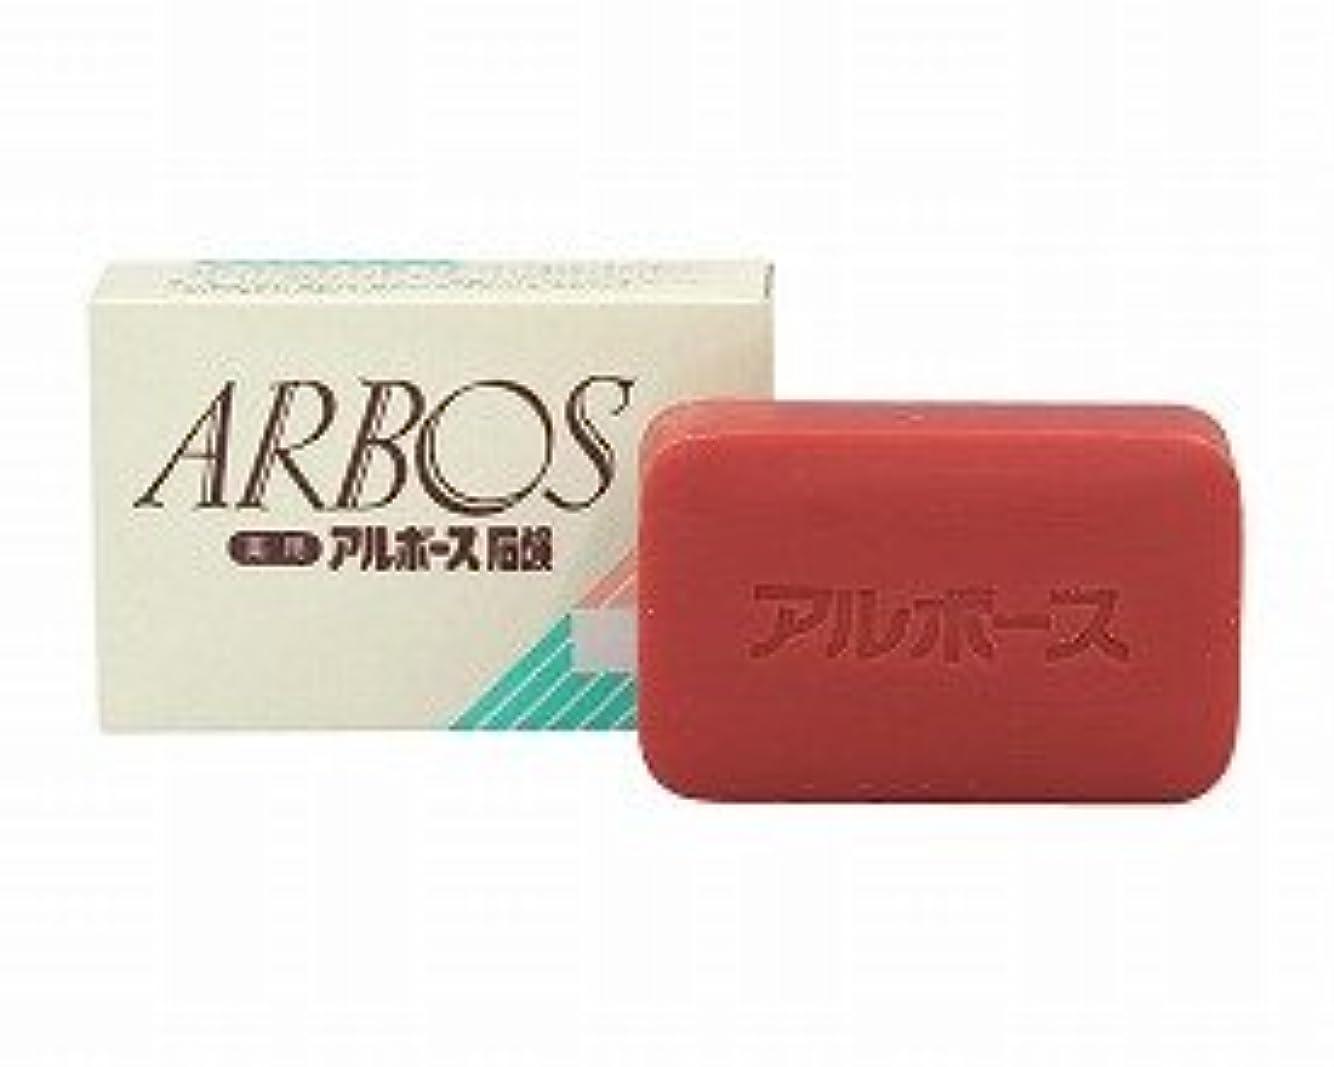 薬用アルボース石鹸 85g 1ケース(240個入) (アルボース) (清拭小物)